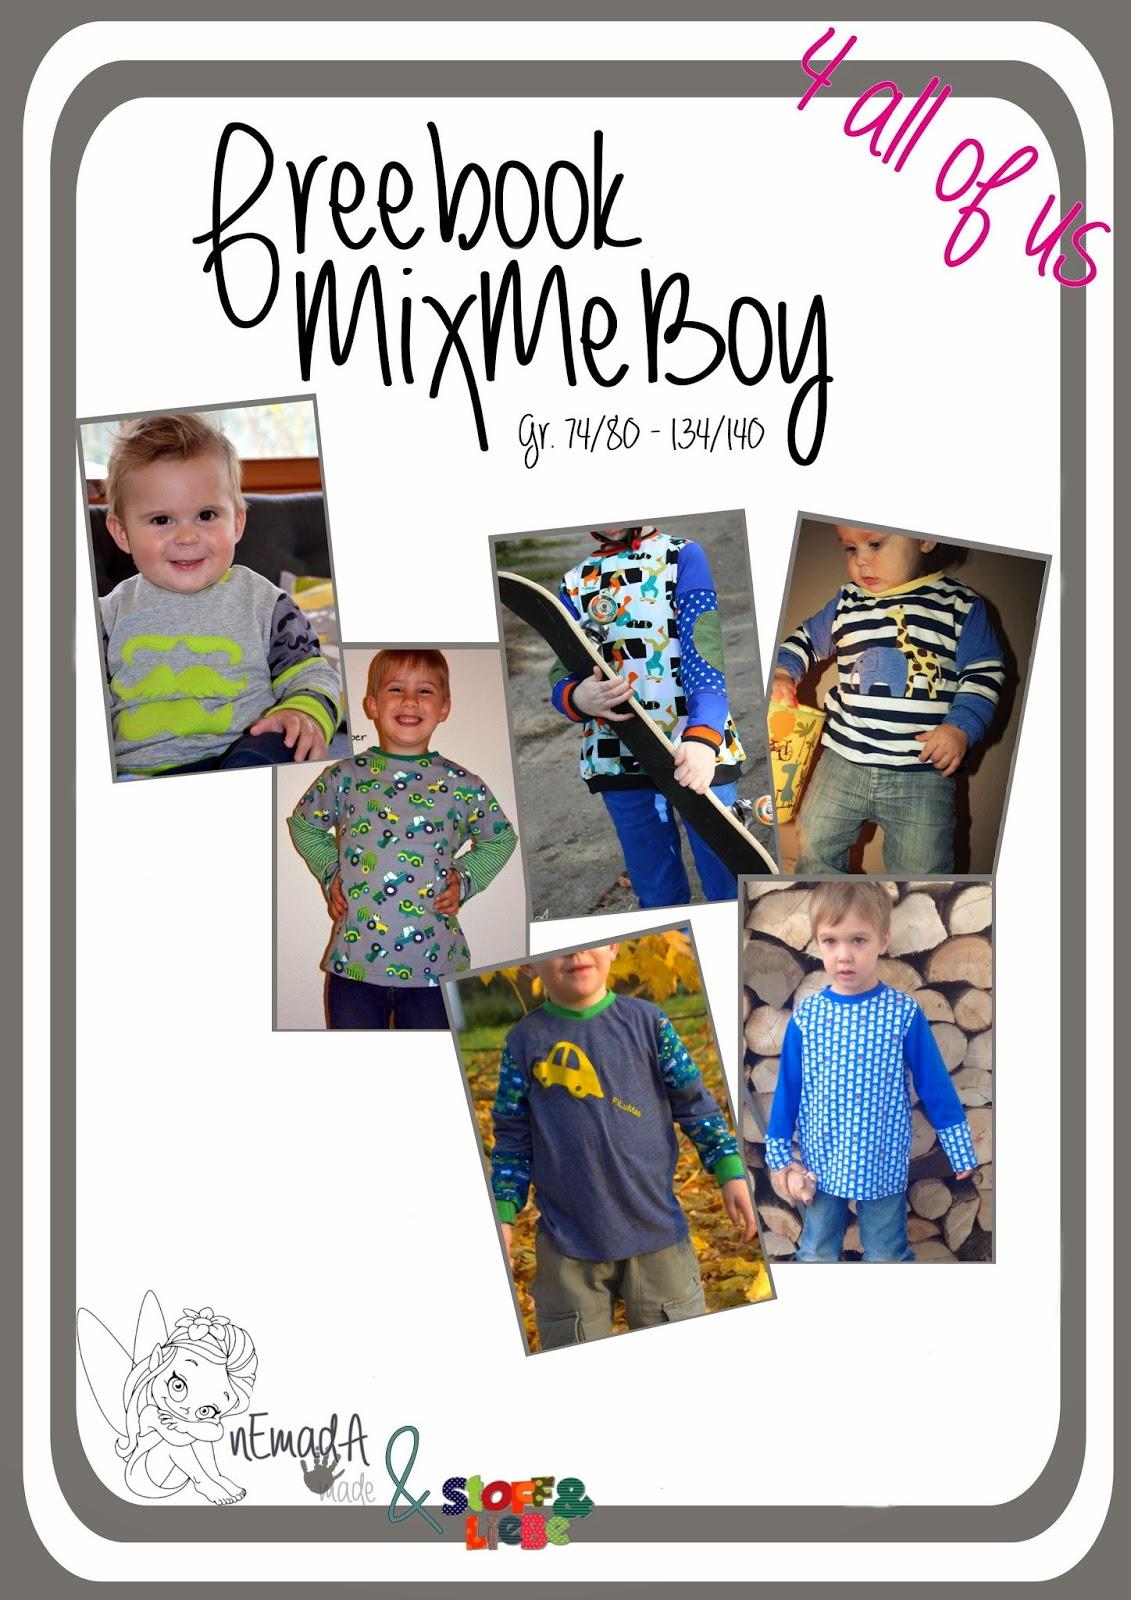 MixMeBoy